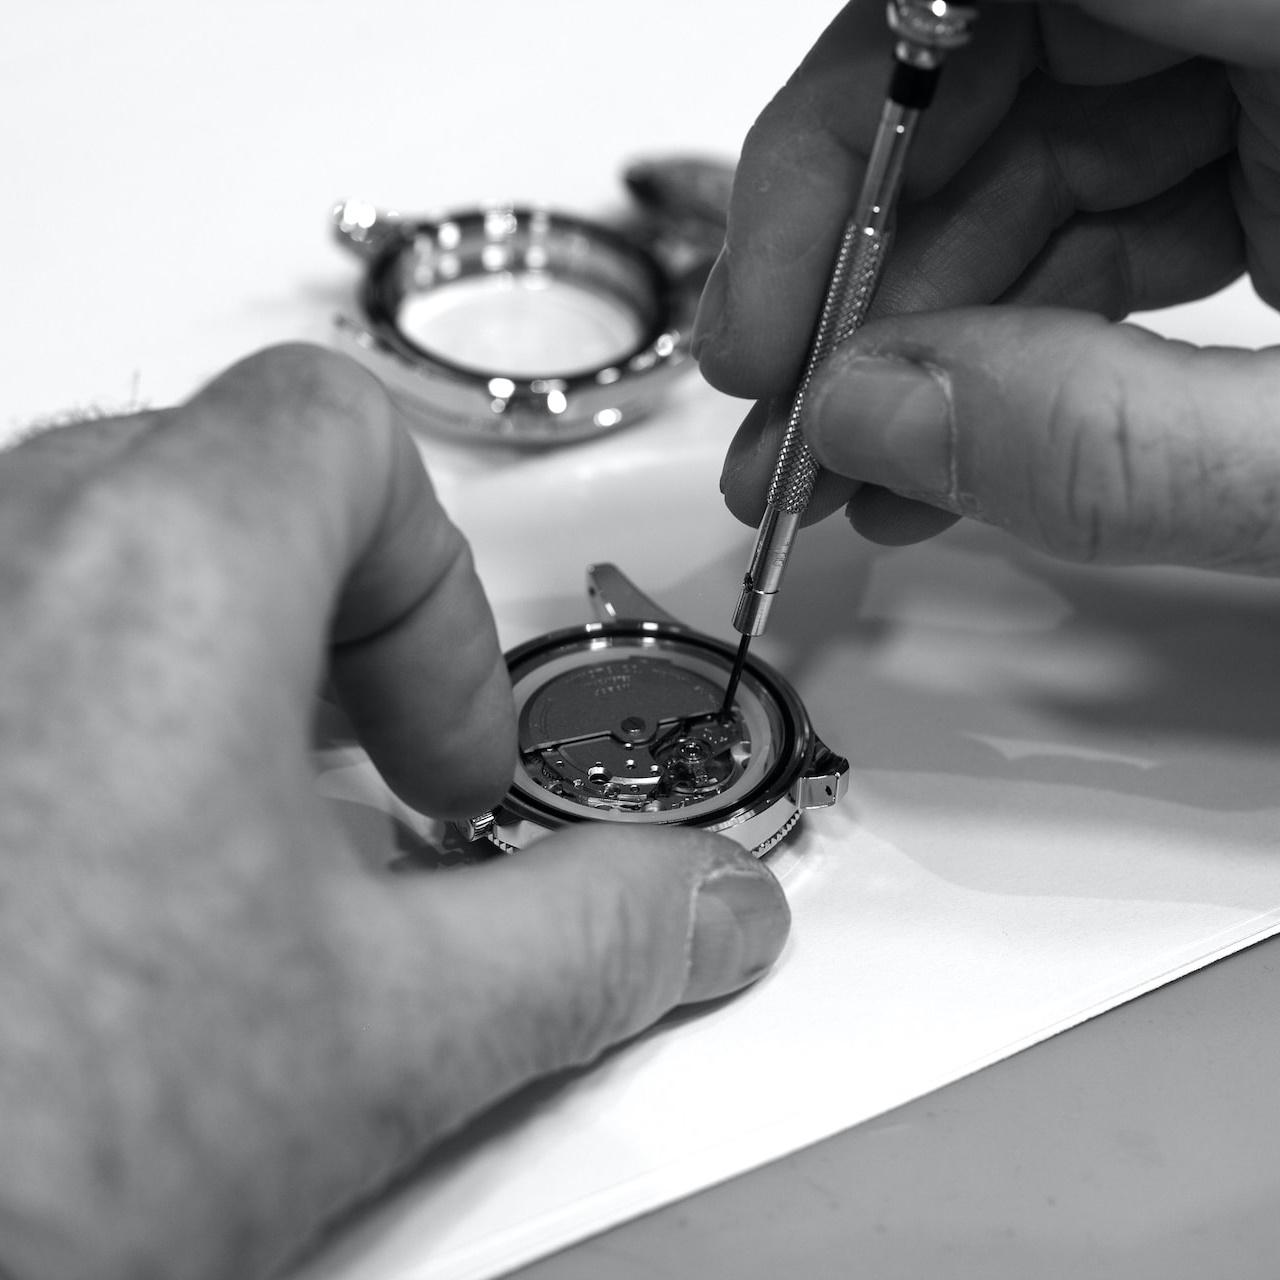 Un homme qui assemble la montre